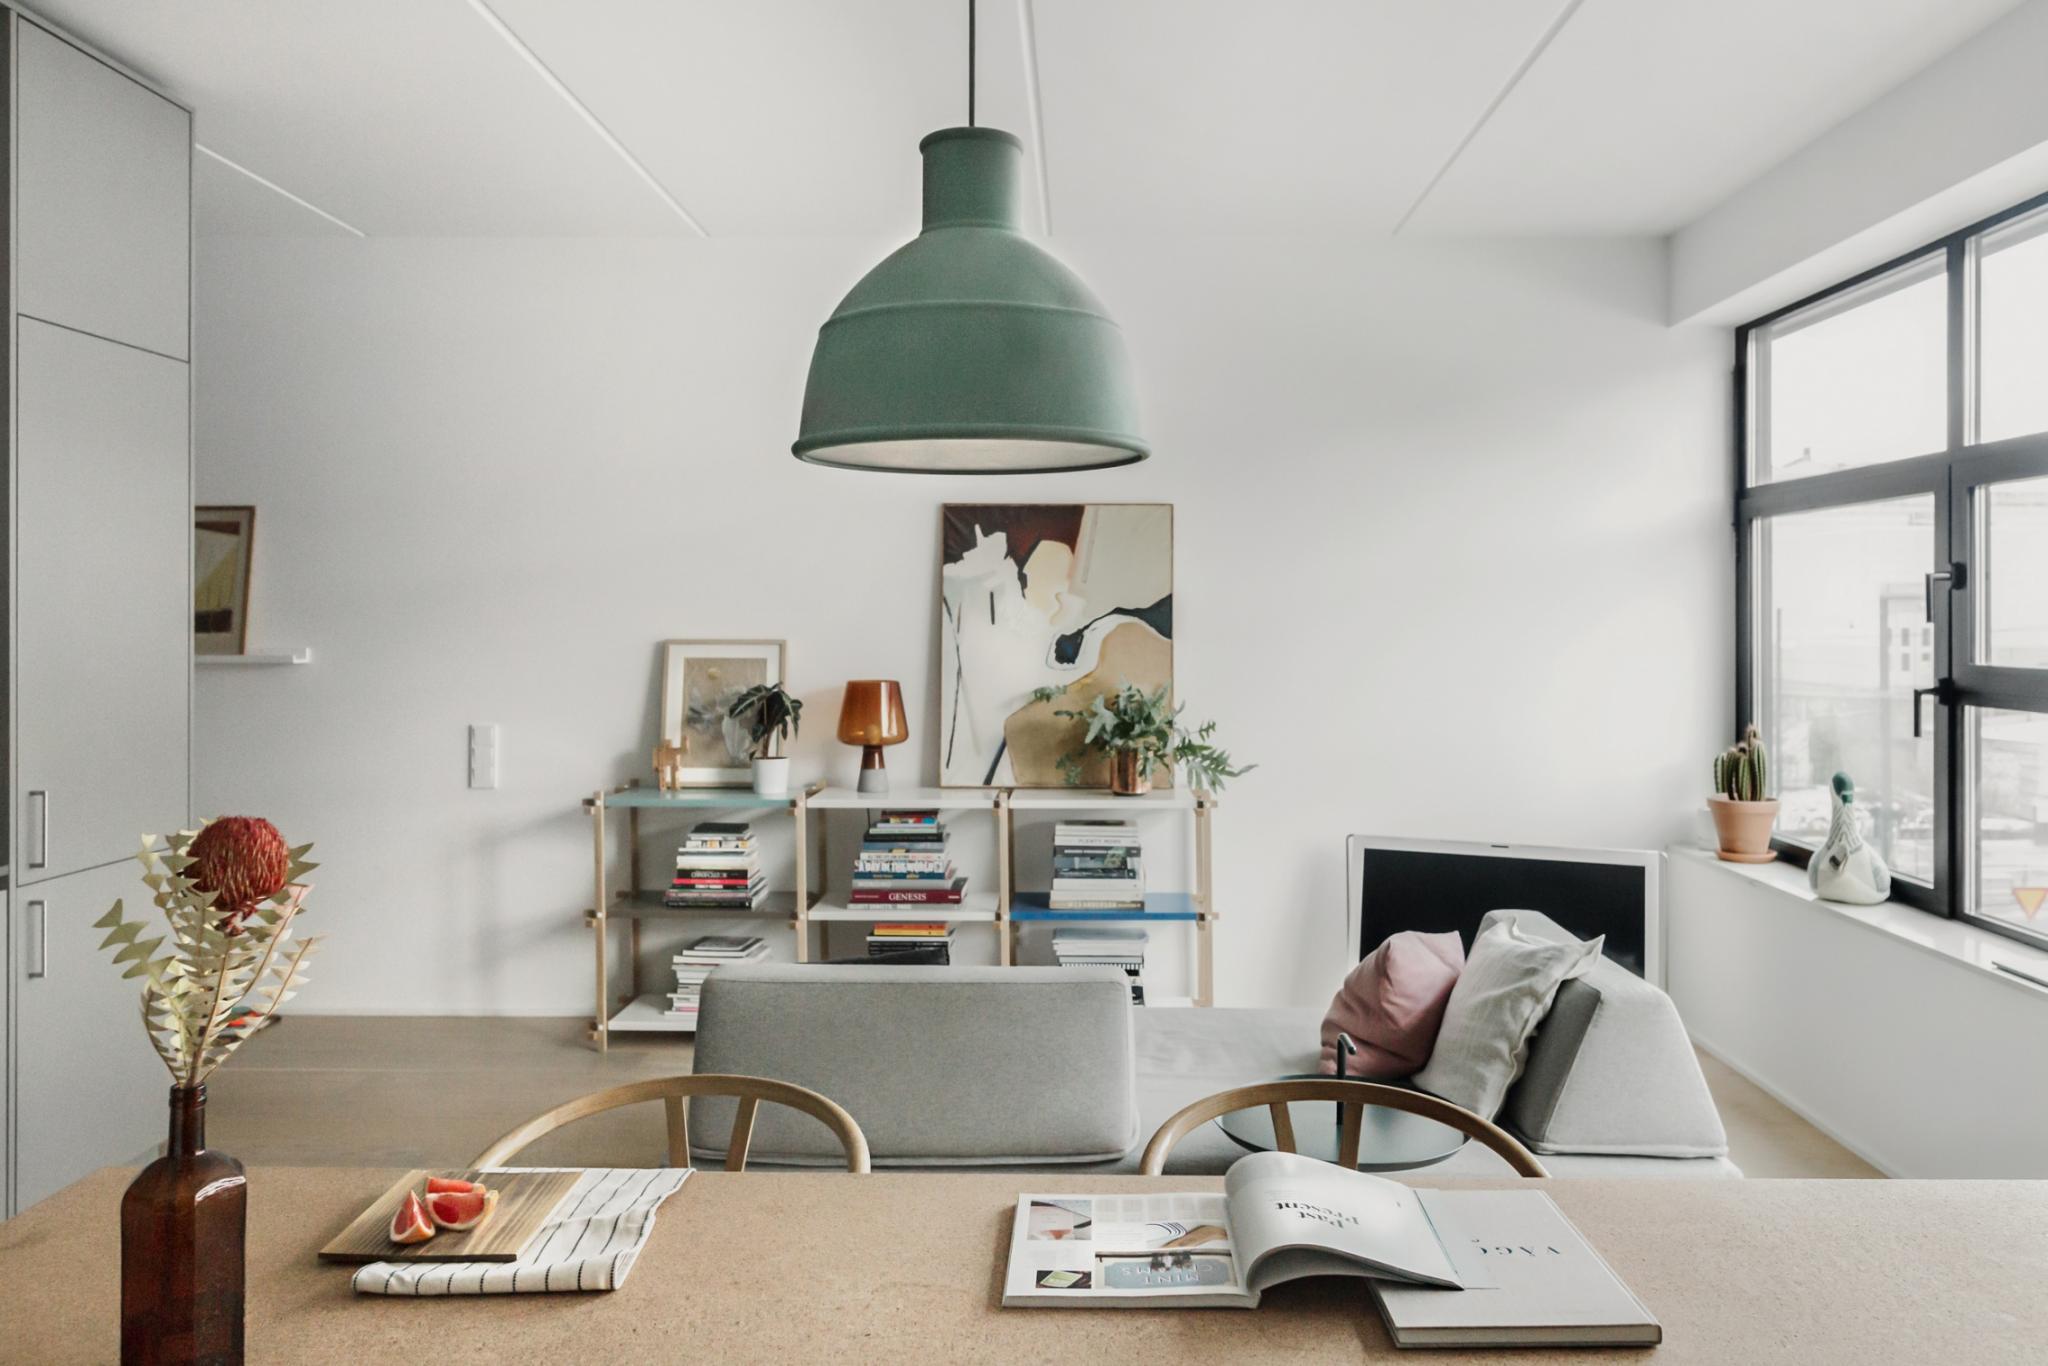 Det är precis det som den här lägenheten gör så bra – det ljusgröna turkosa  poppar bara upp här och var aff71aef003b5